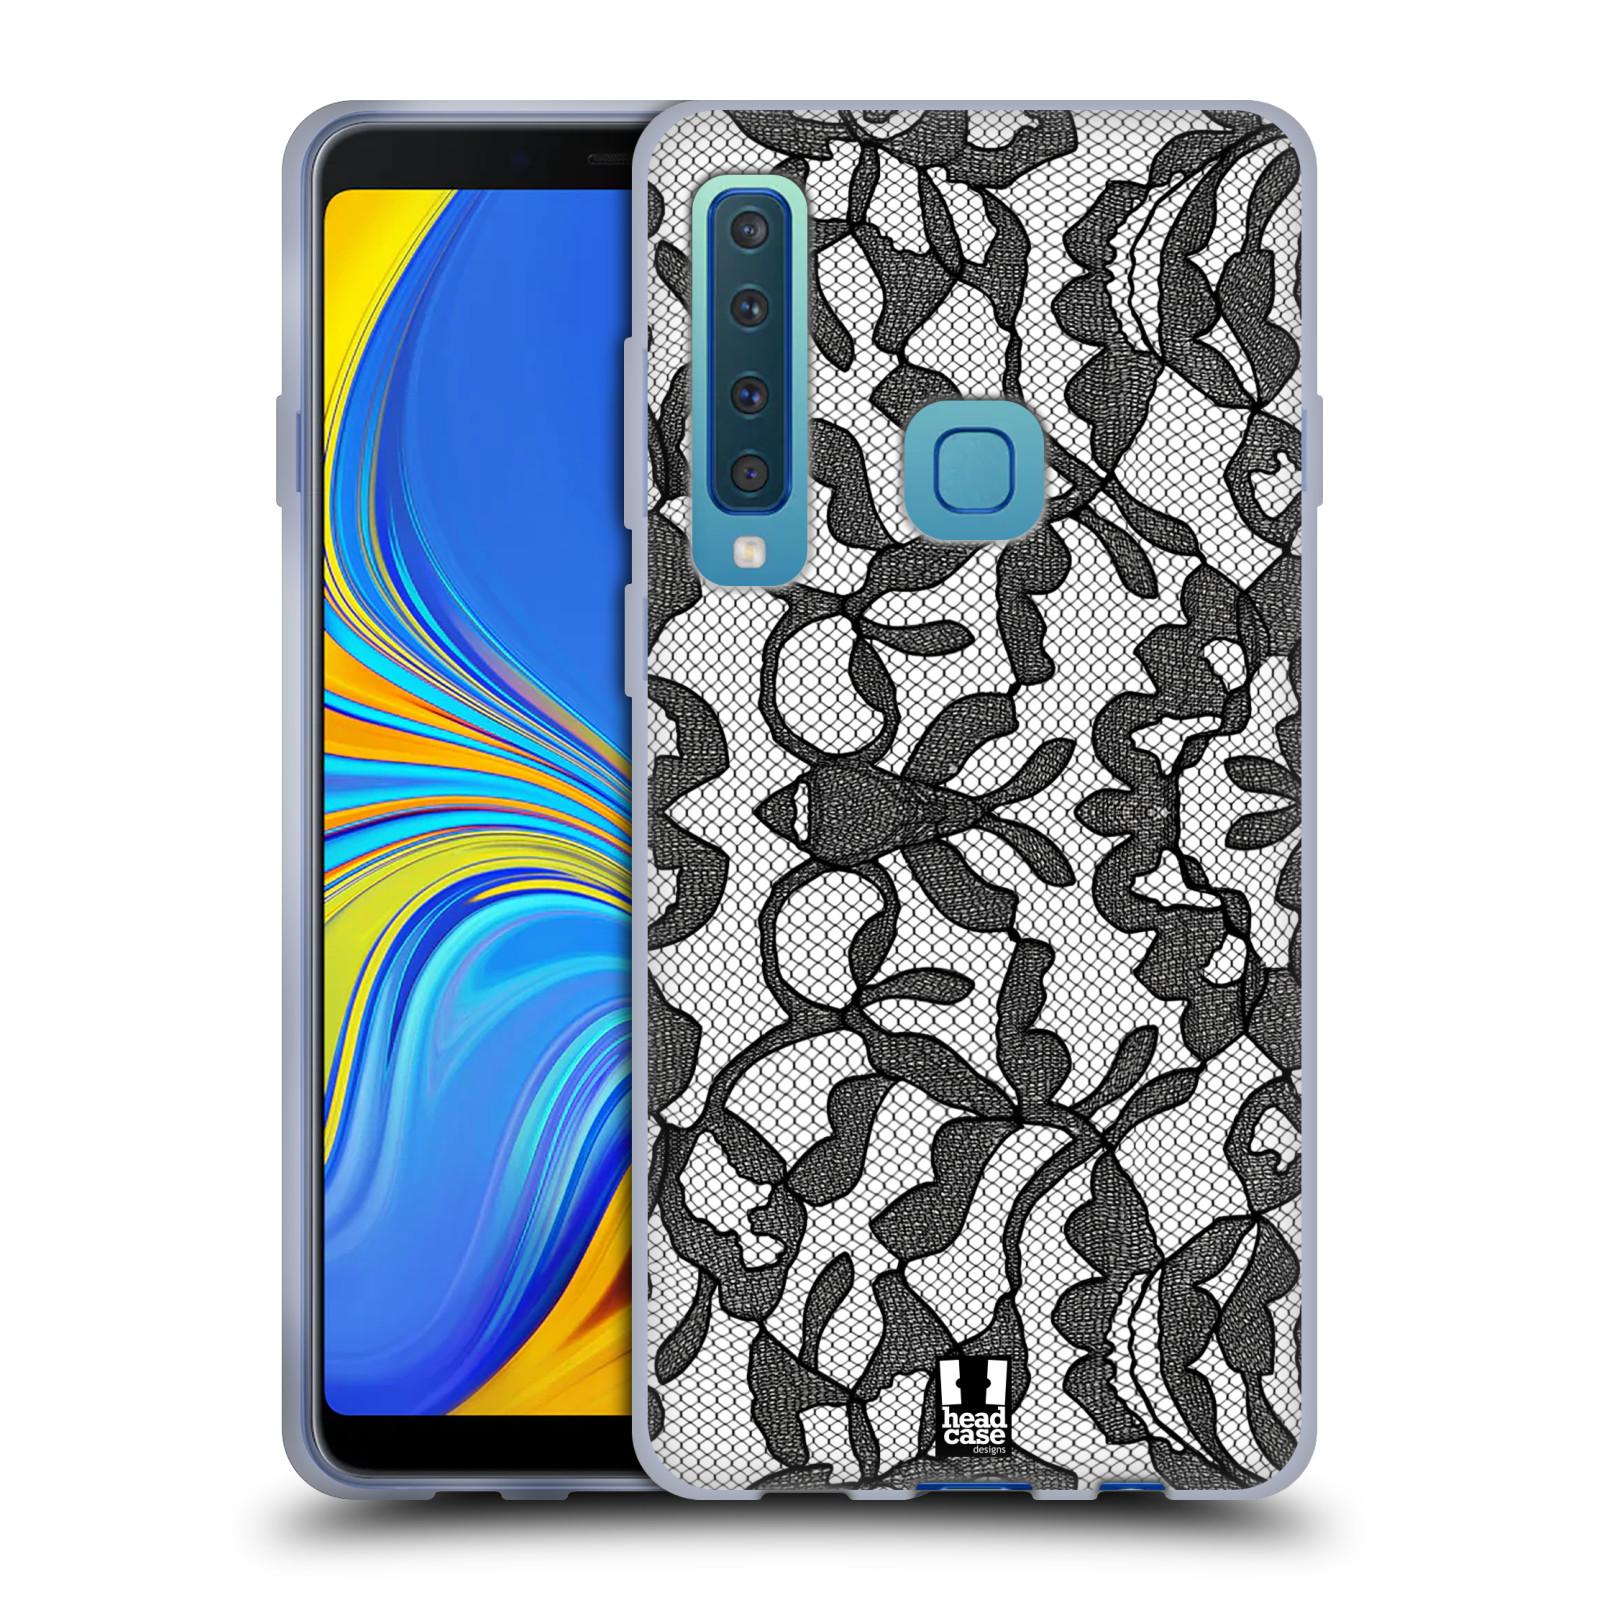 Silikonové pouzdro na mobil Samsung Galaxy A9 (2018) - Head Case - LEAFY KRAJKA